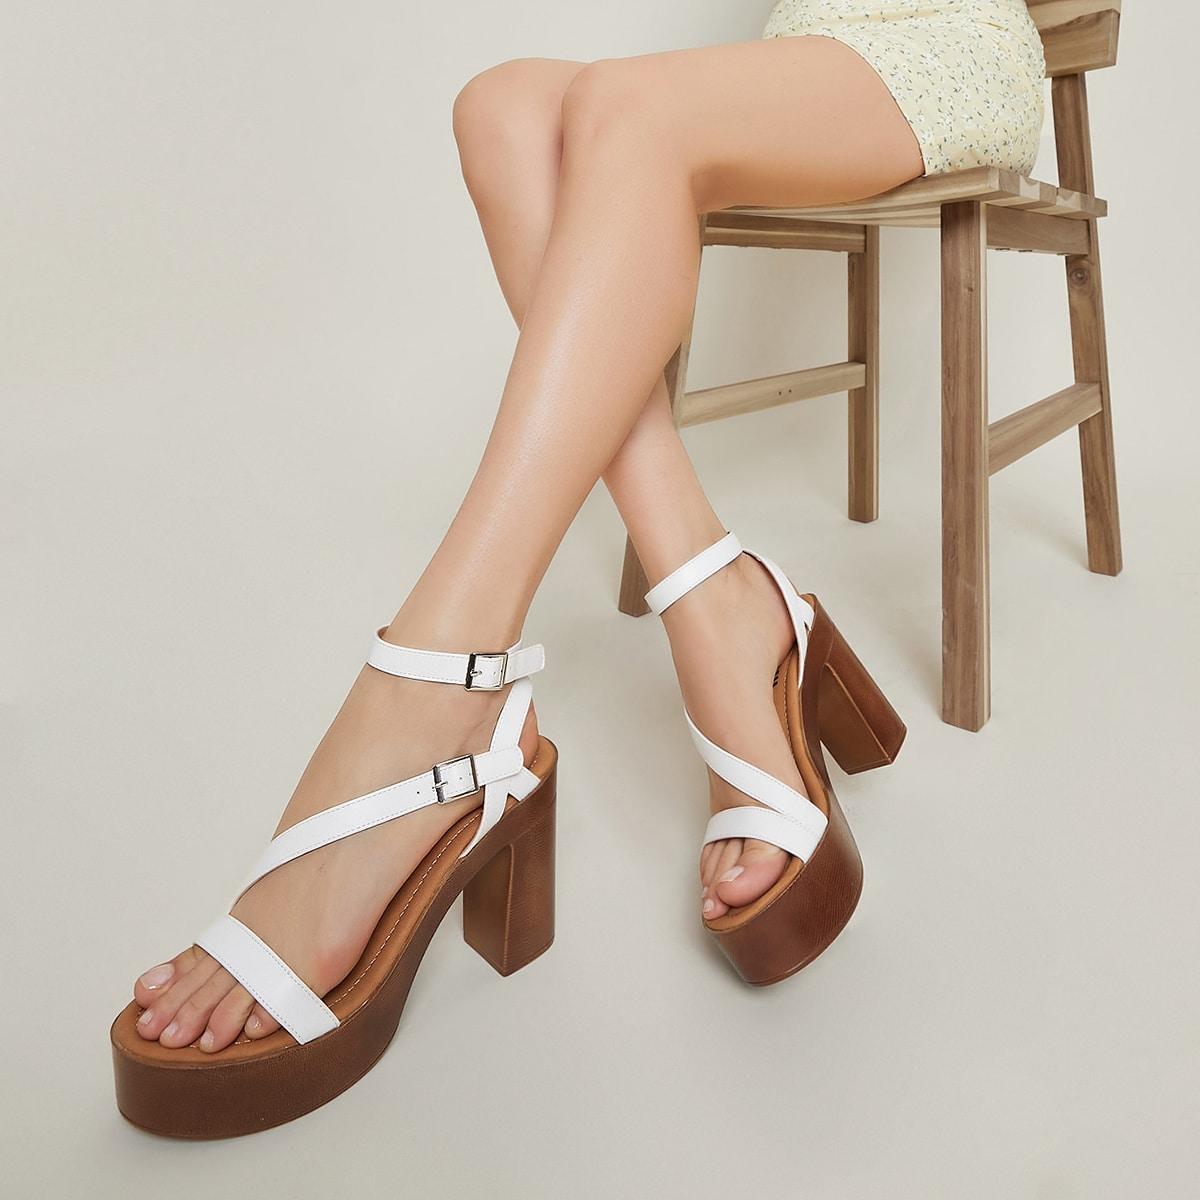 Кожаные туфли на платформе с ремешком на щиколотке от SHEIN